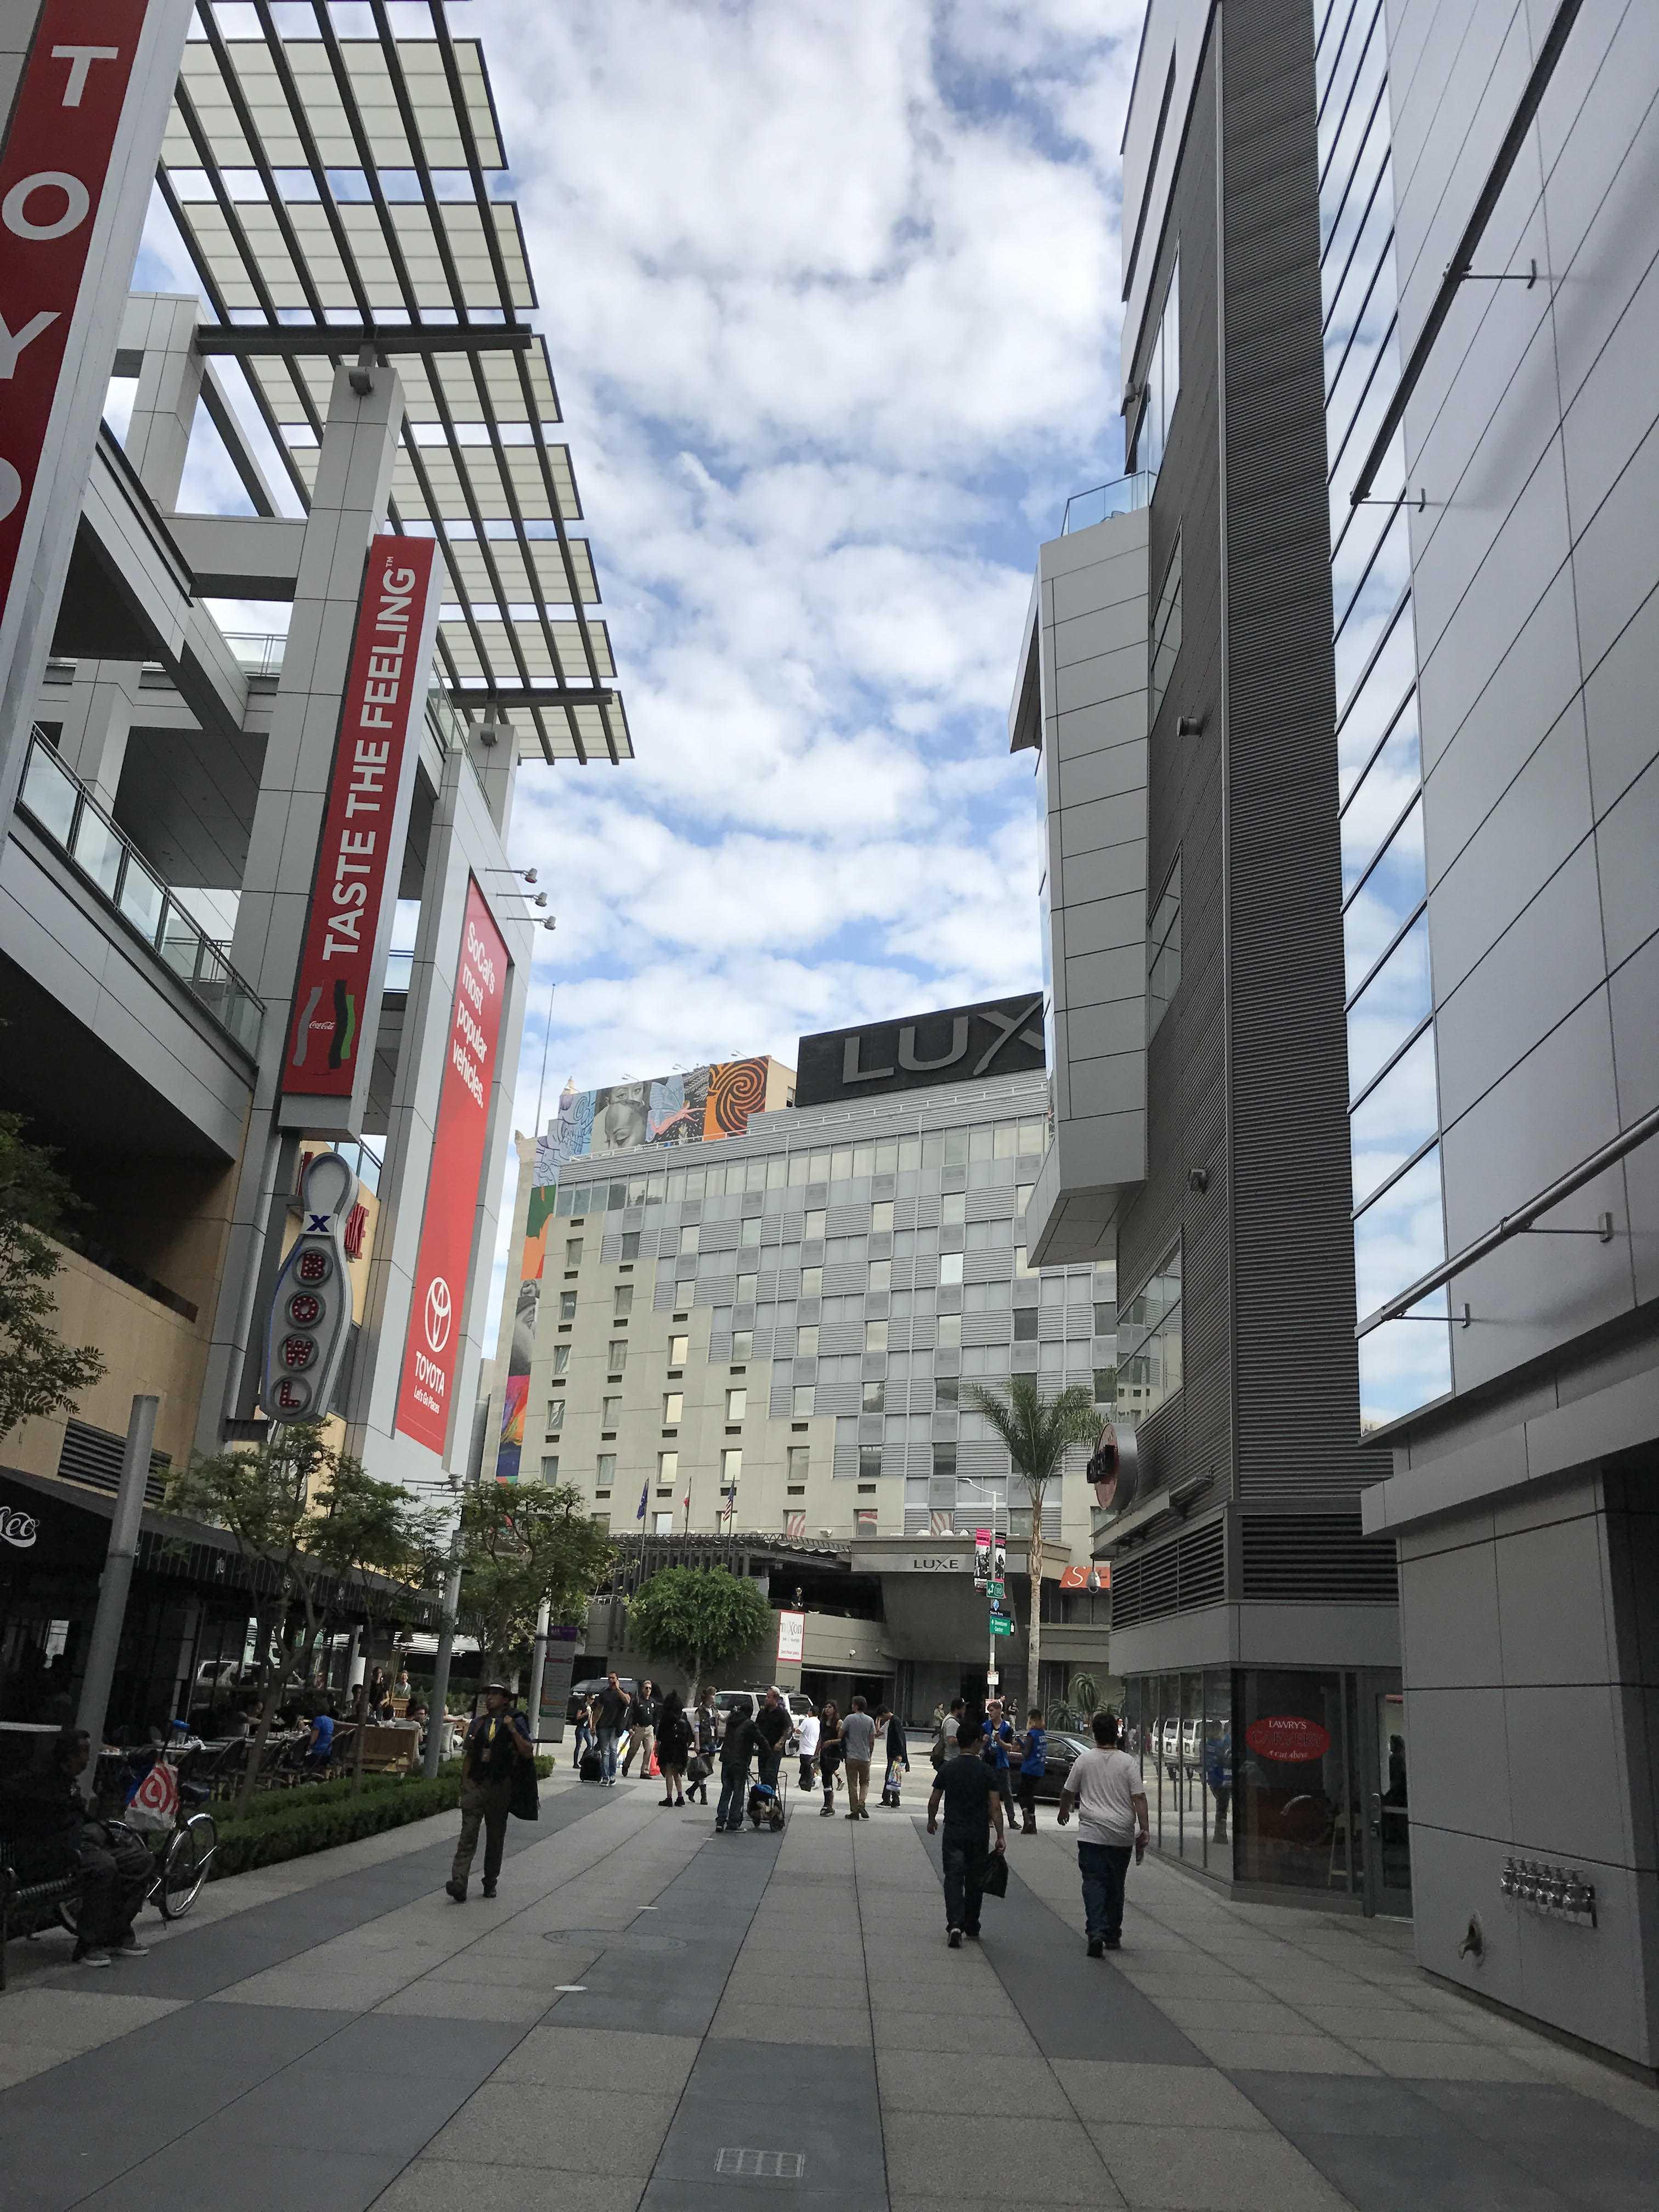 Photo shows outside of conventino center where LA comic con takes place